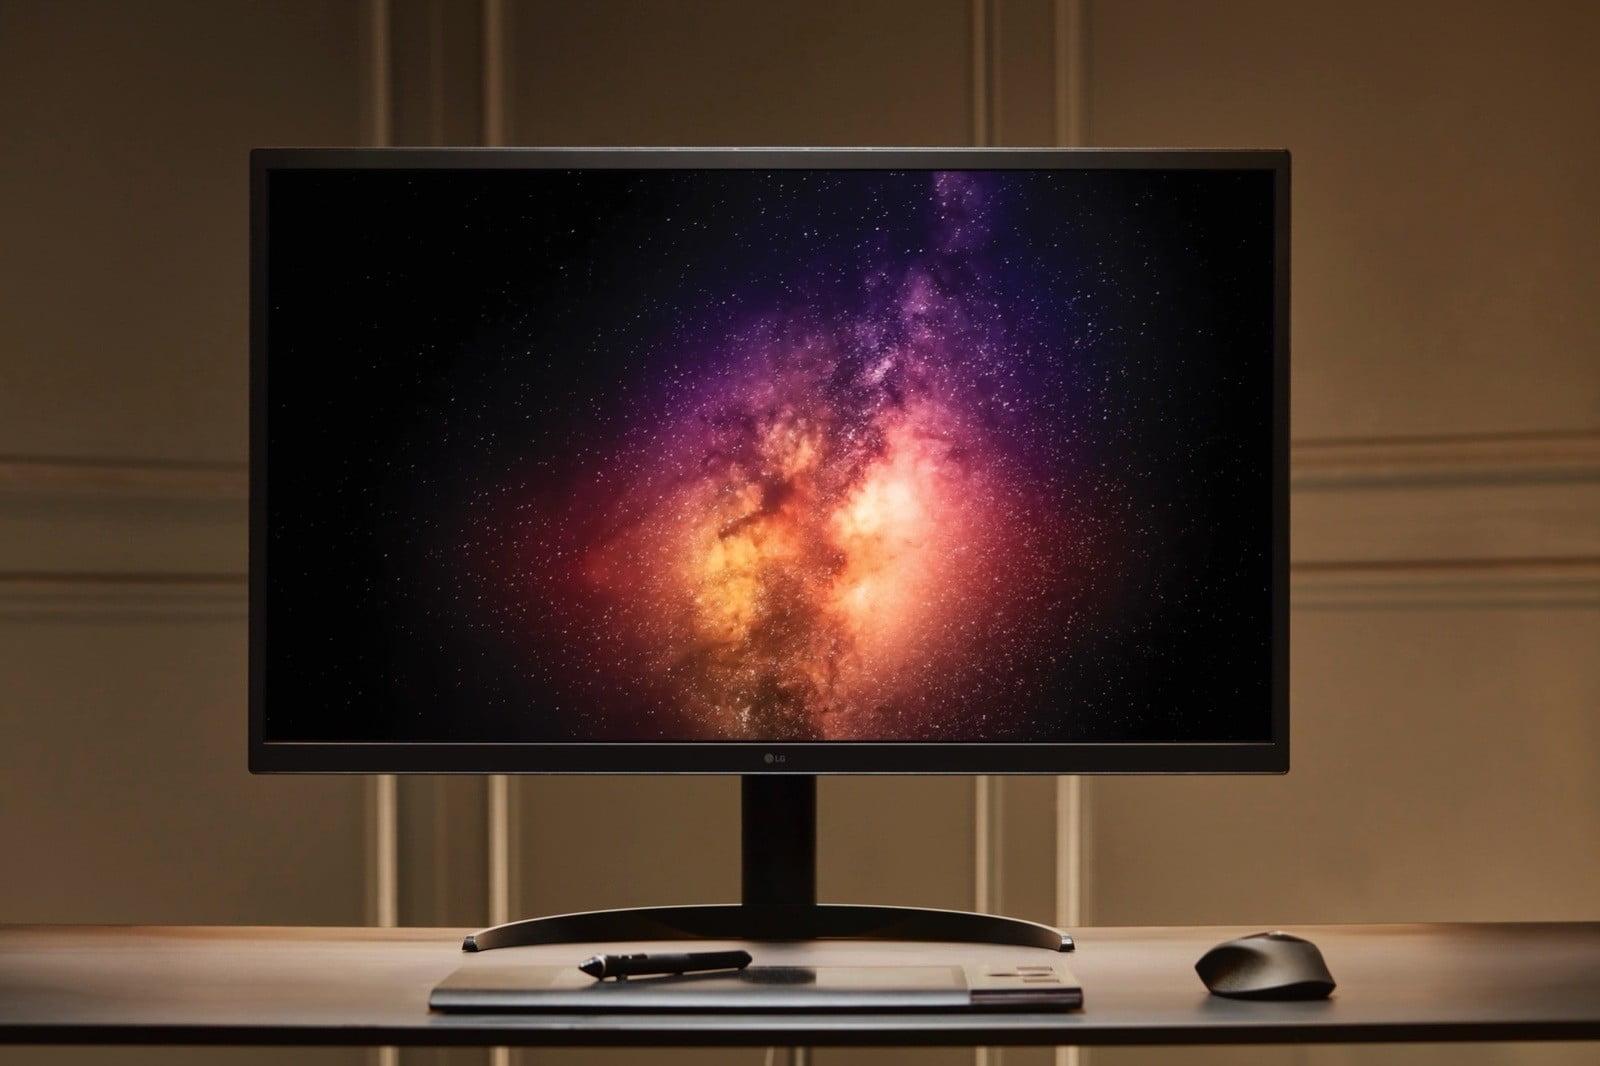 Nowy 32-calowy wyświetlacz LG OLED UltraFine 4K do komputerów Mac jest już dostępny na zamówienie